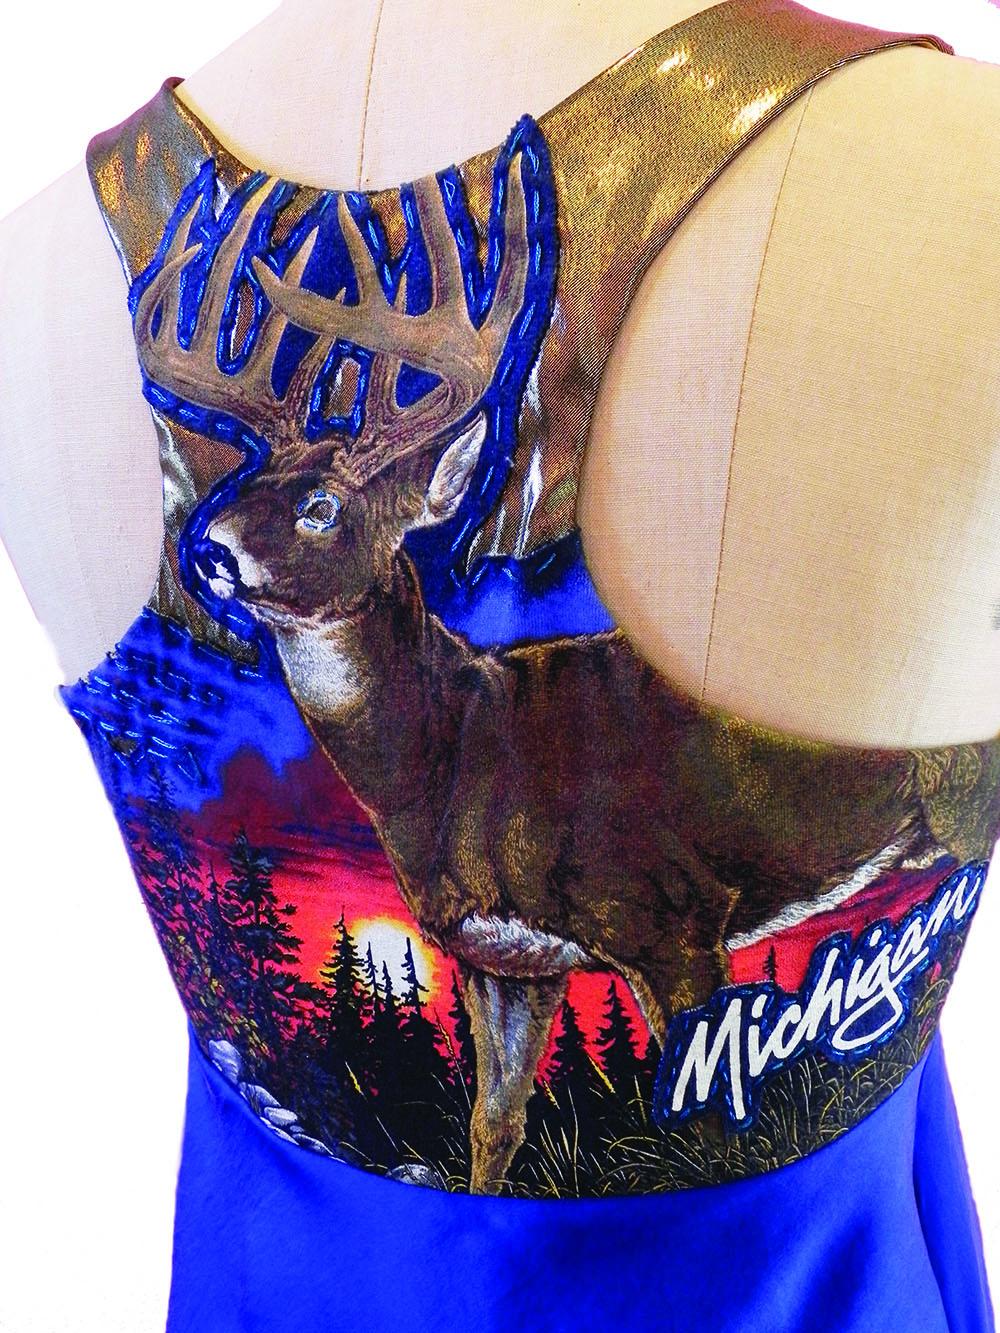 Mildai patinka kurti unikalius ir originalius drabužius.